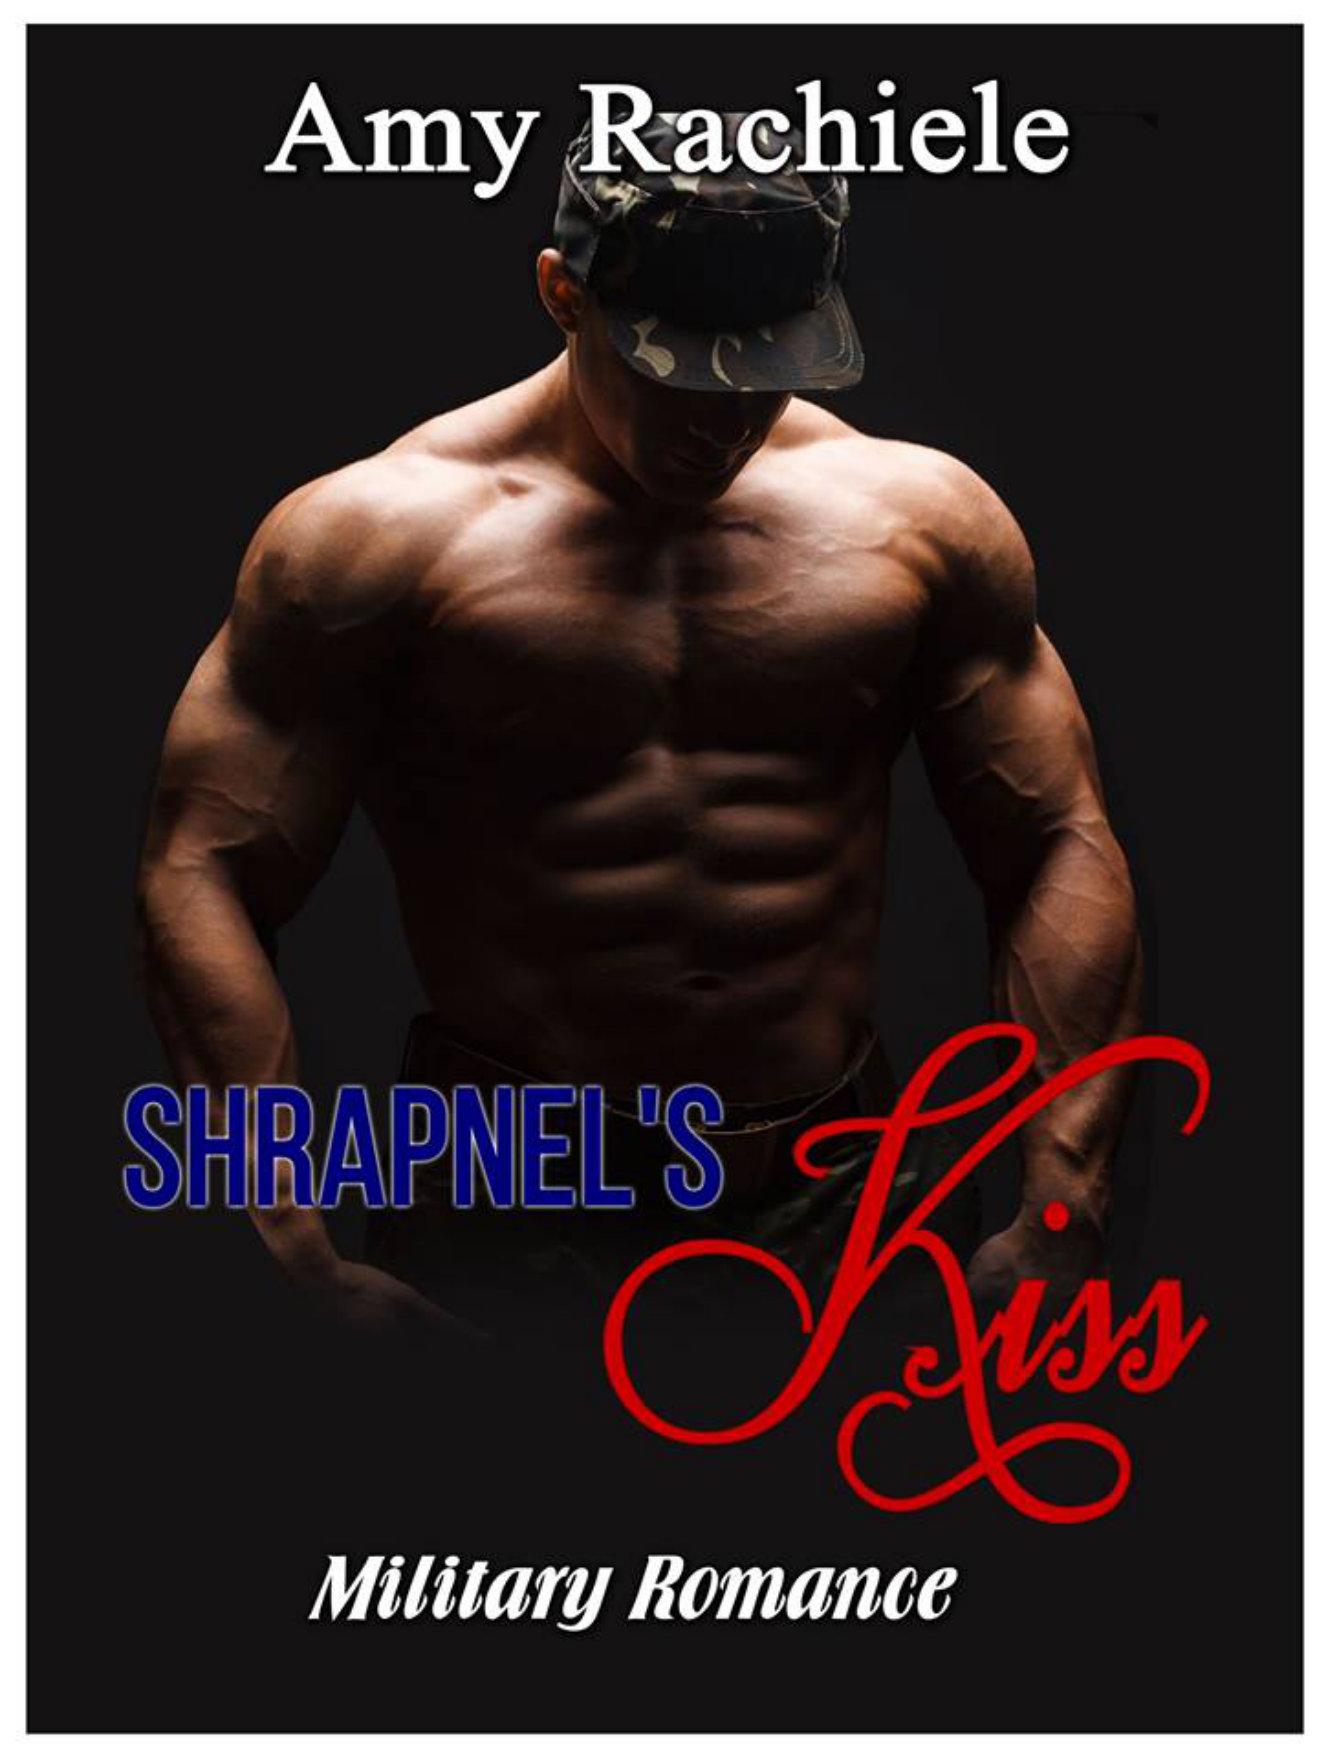 Shrapnel's Kiss by Amy Rachiele